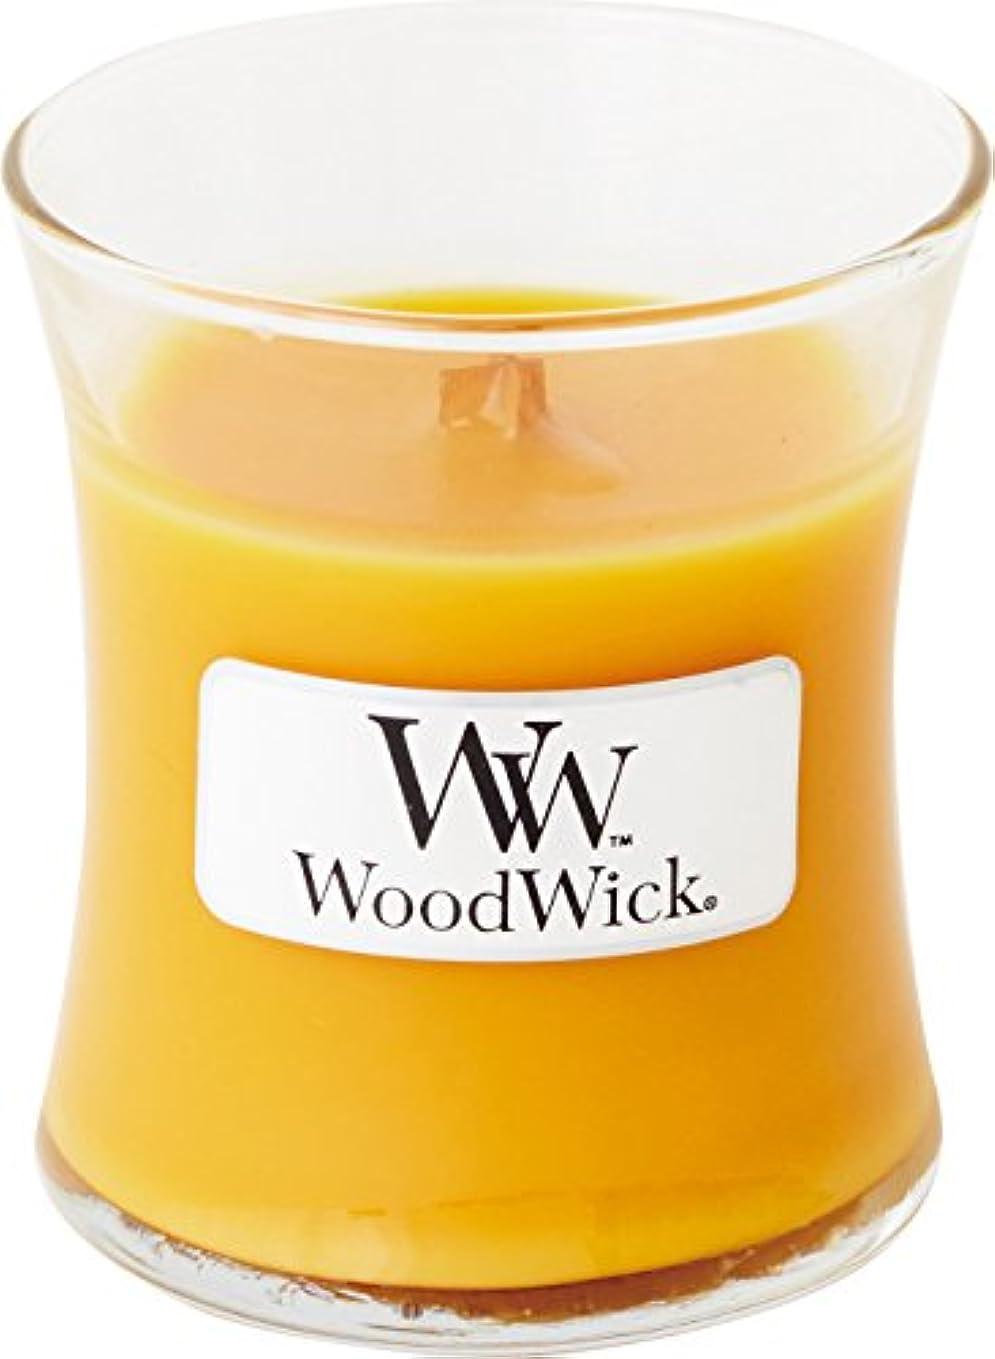 反動研究所迷彩Wood Wick ウッドウィック ジャーキャンドルSサイズ スパークリングオレンジ